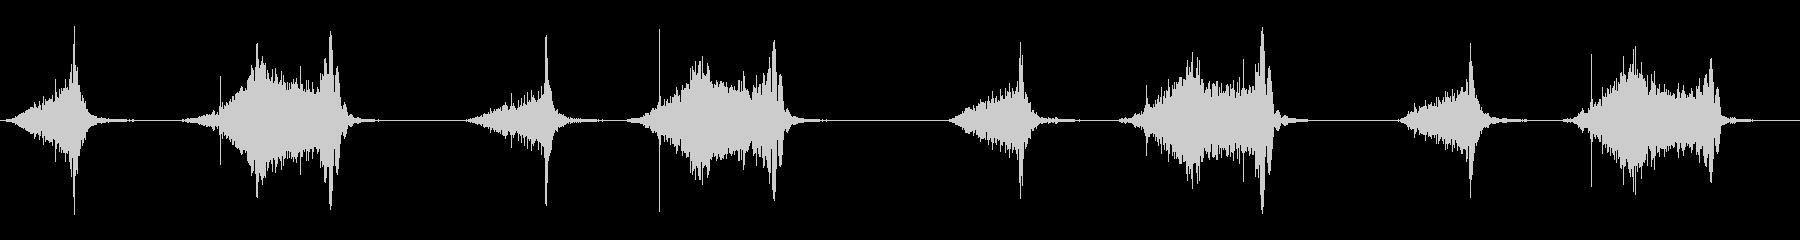 シュコシュコと空気を入れていく音ですの未再生の波形